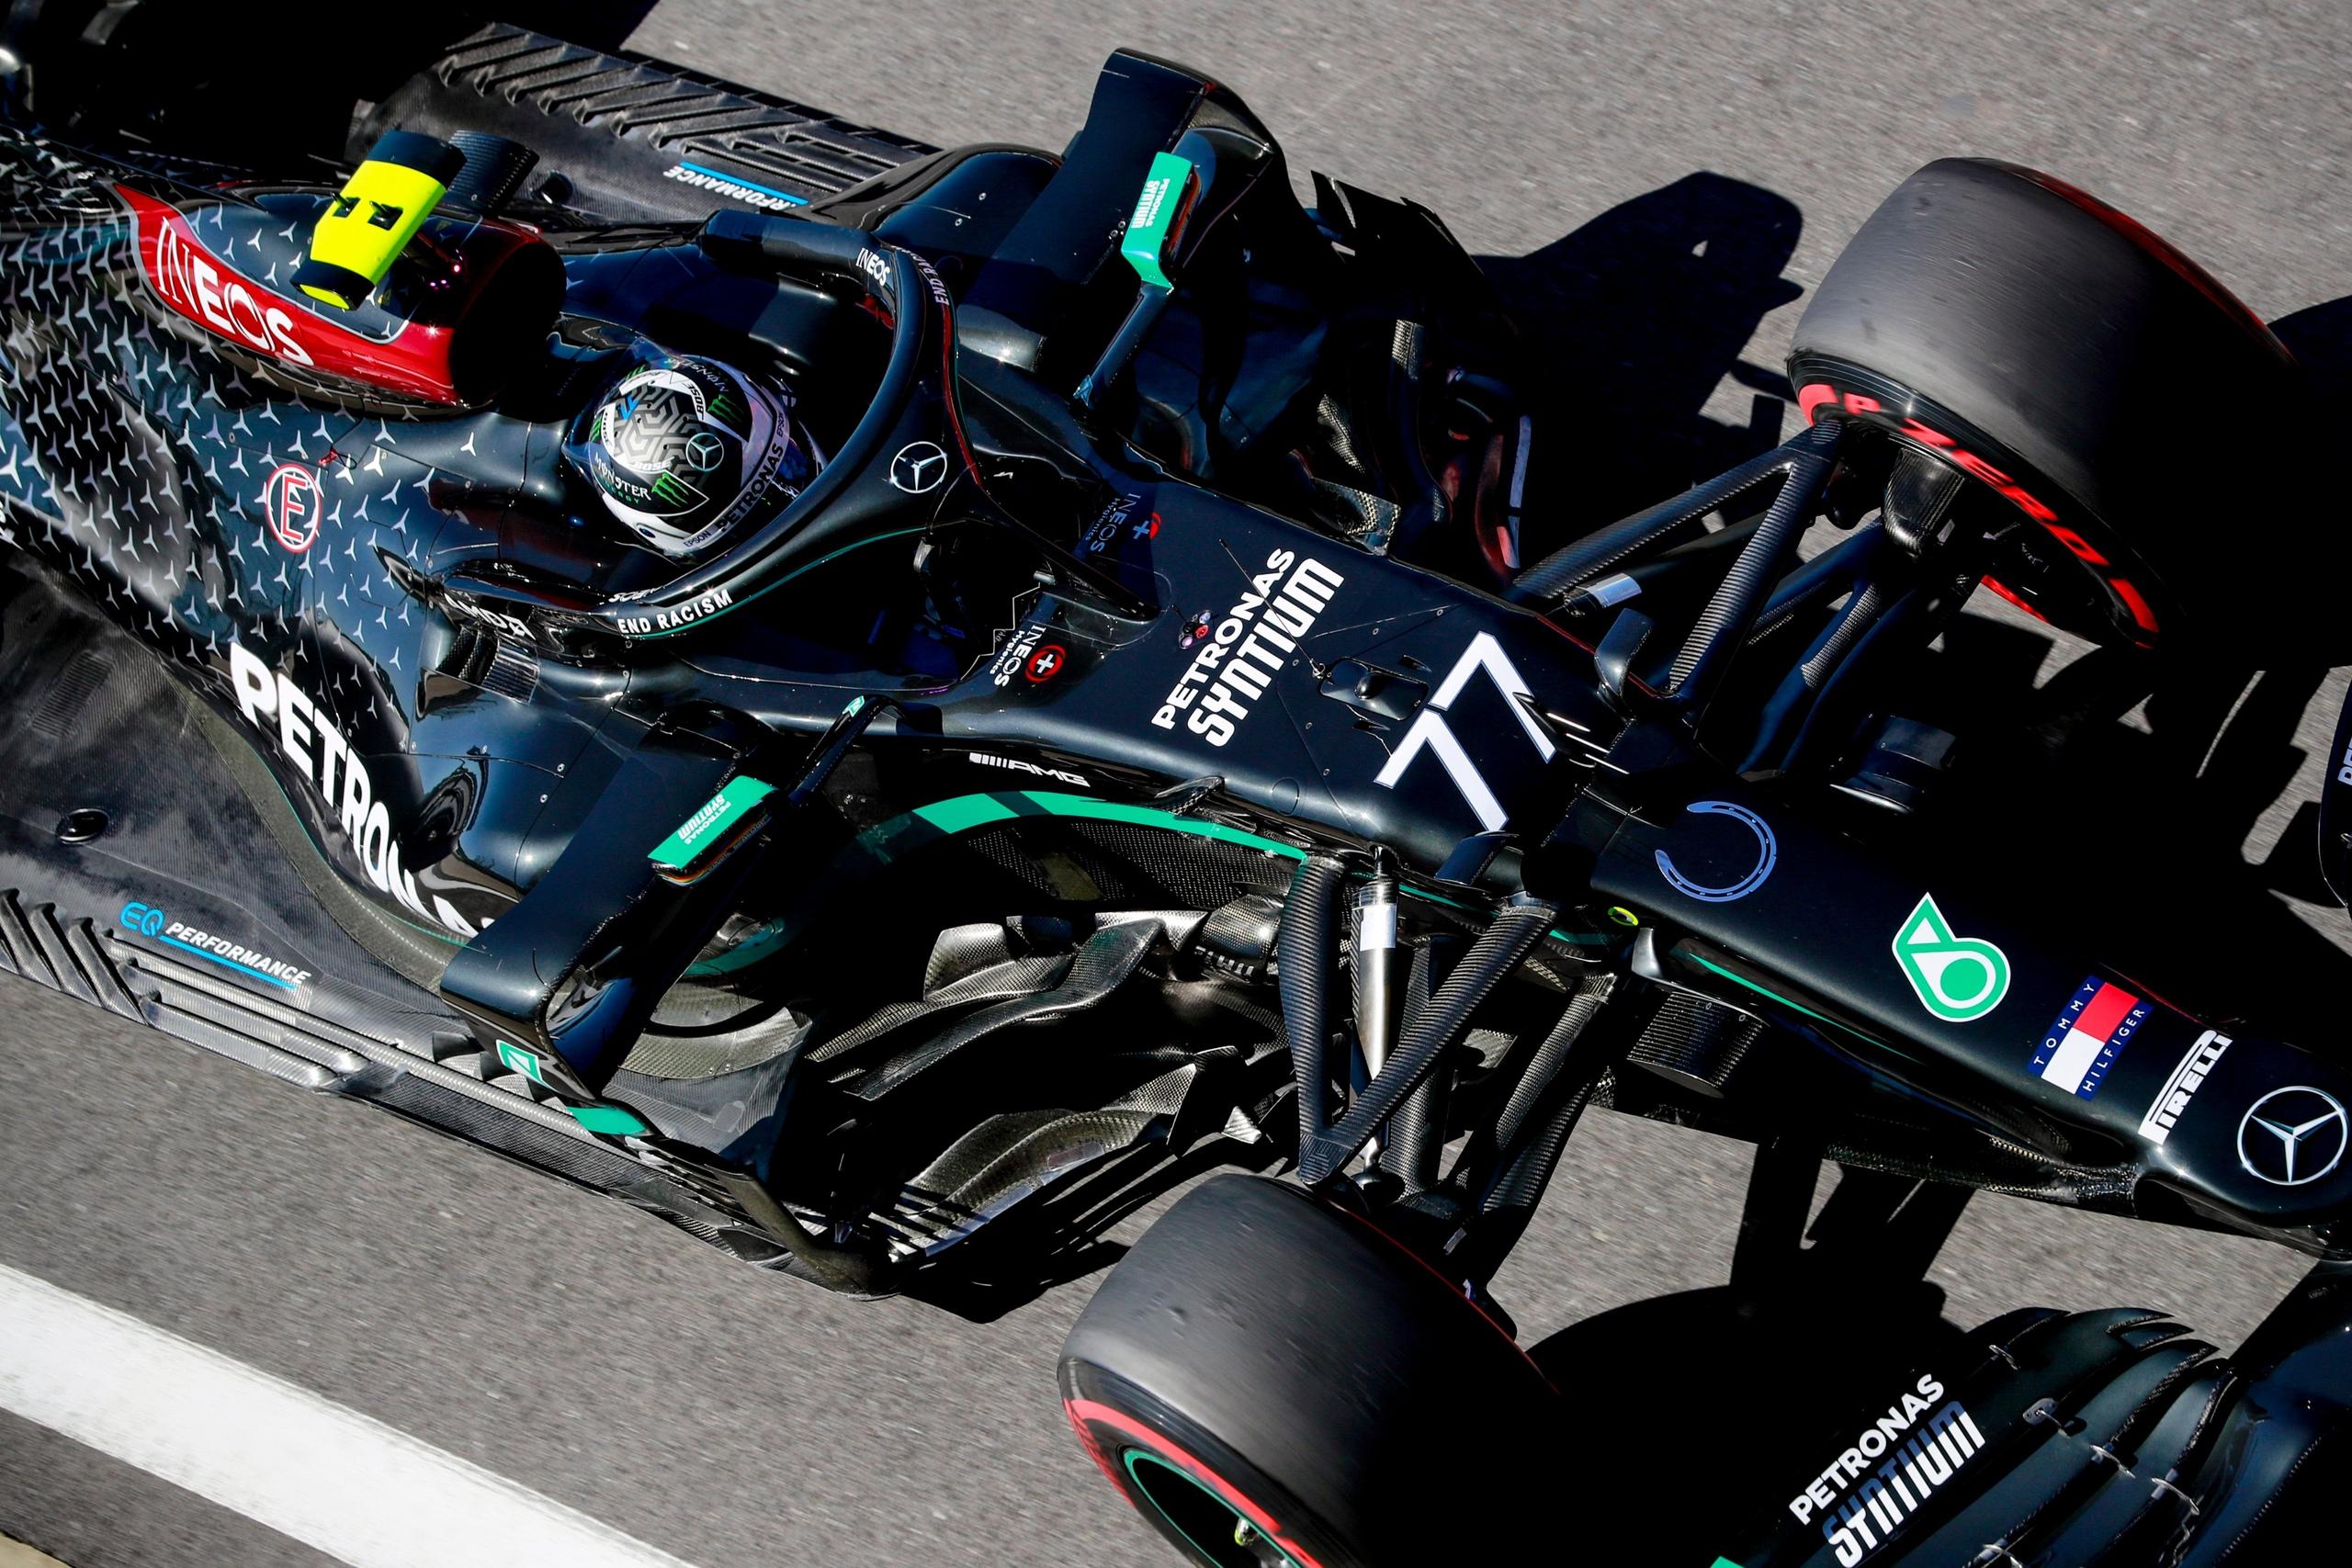 Валттери Боттас выигрывает квалификацию гран-при 70-летия Формулы-1